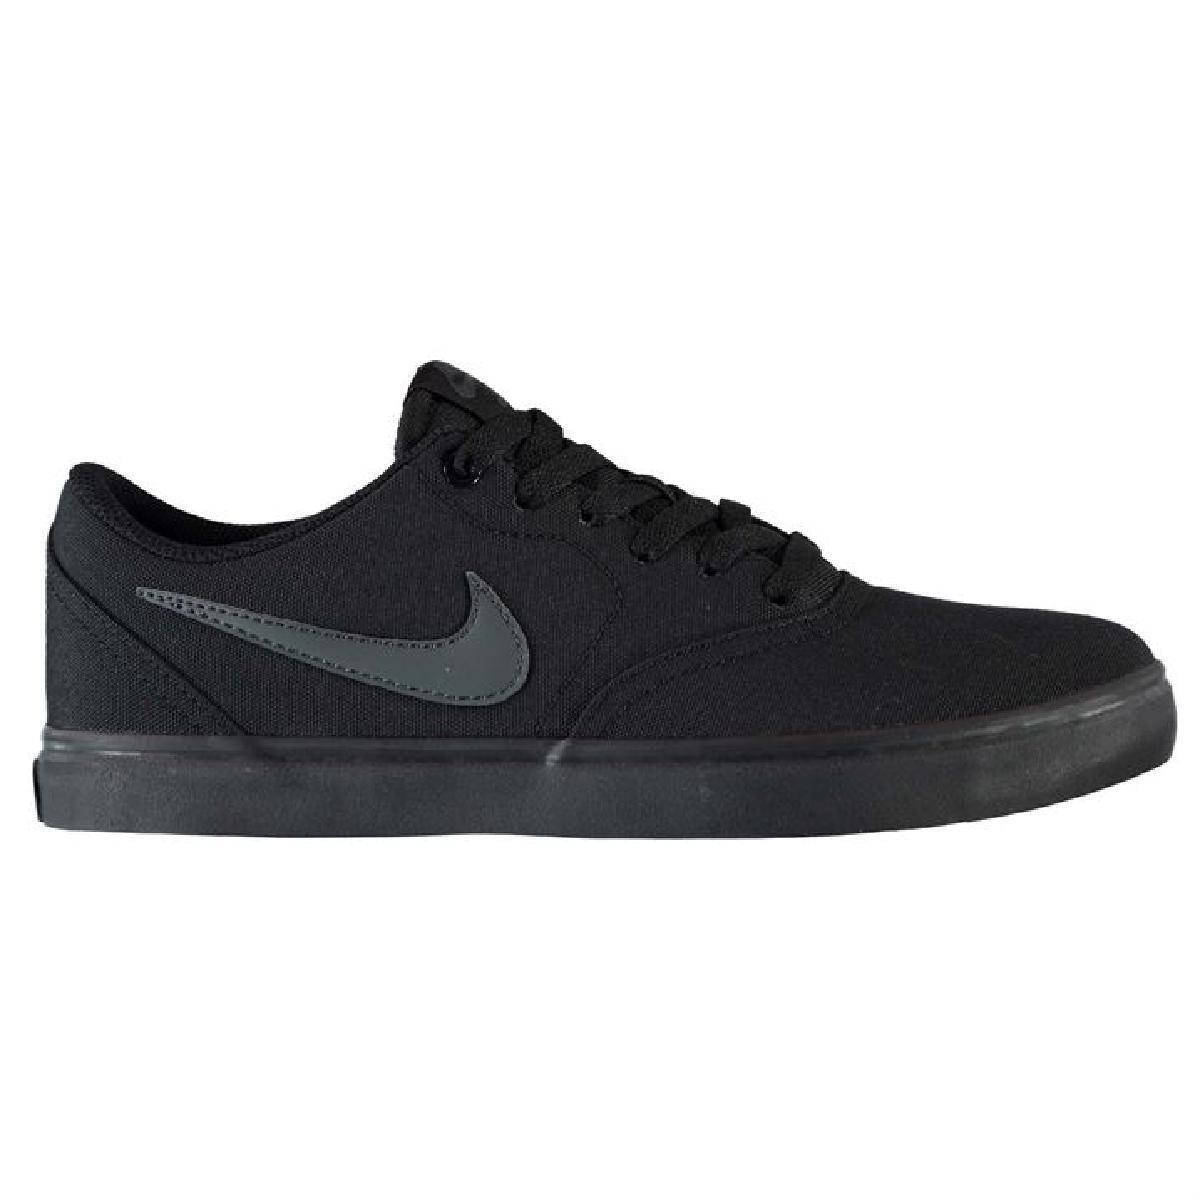 Zapatos casuales salvajes Nike caballero zapatillas de skate skater zapatos zapatillas skate shoes Zapatillas canvas 40.5